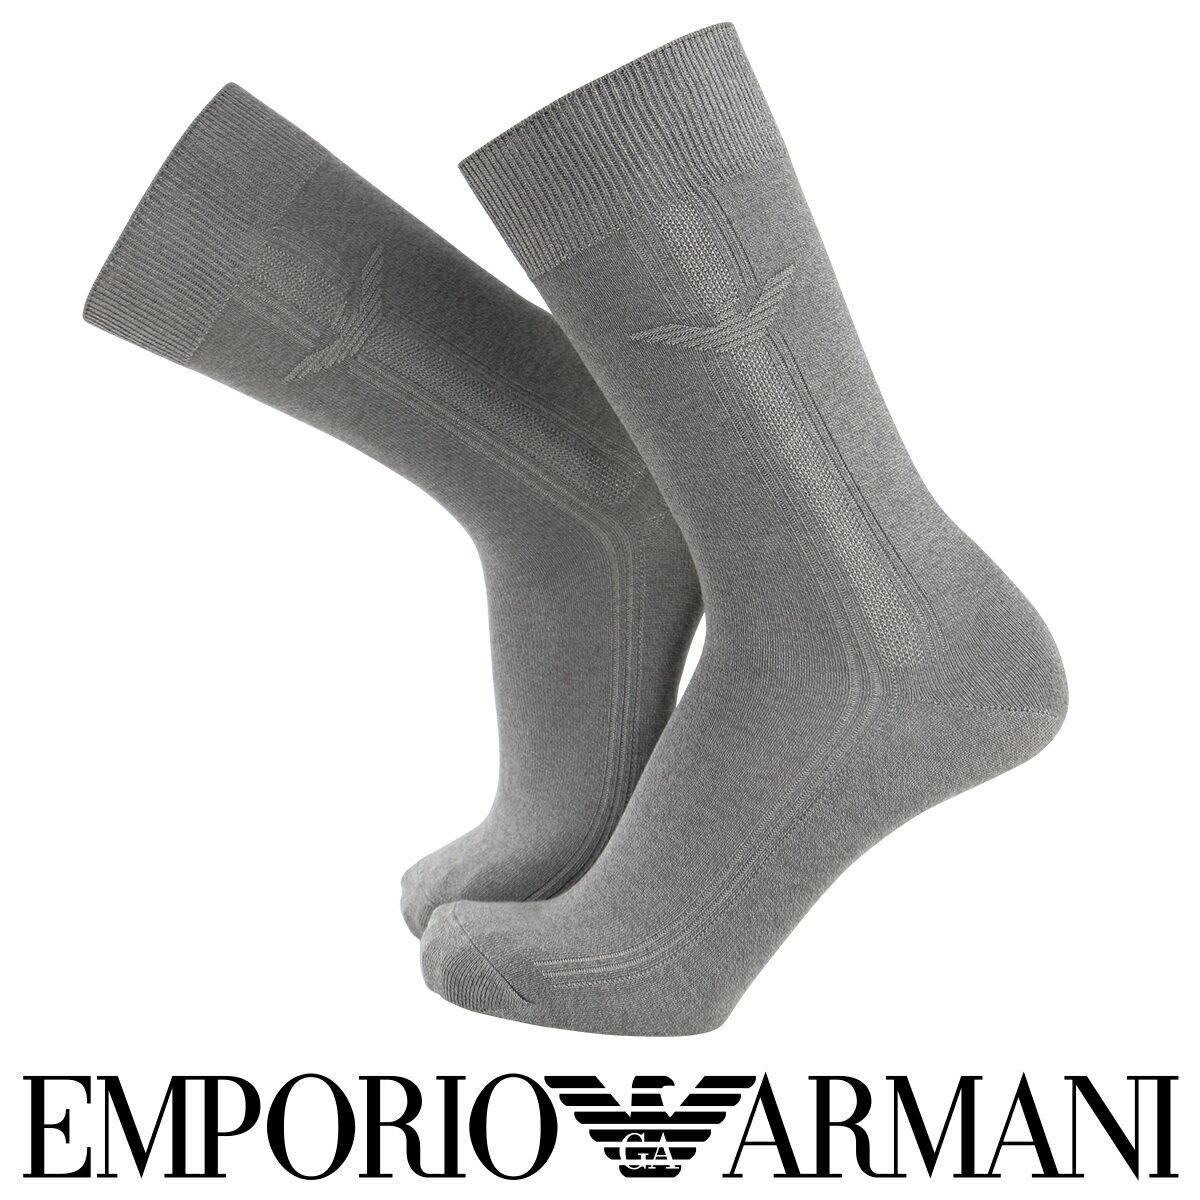 EMPORIO ARMANI ( エンポリオ アルマーニ )抗菌・防臭 綿混 メンズ ソックス 靴下 ワンポイント×ライン入り クルー丈 カジュアルソックス男性 メンズ プレゼント 贈答 ギフト2342-275ポイント10倍